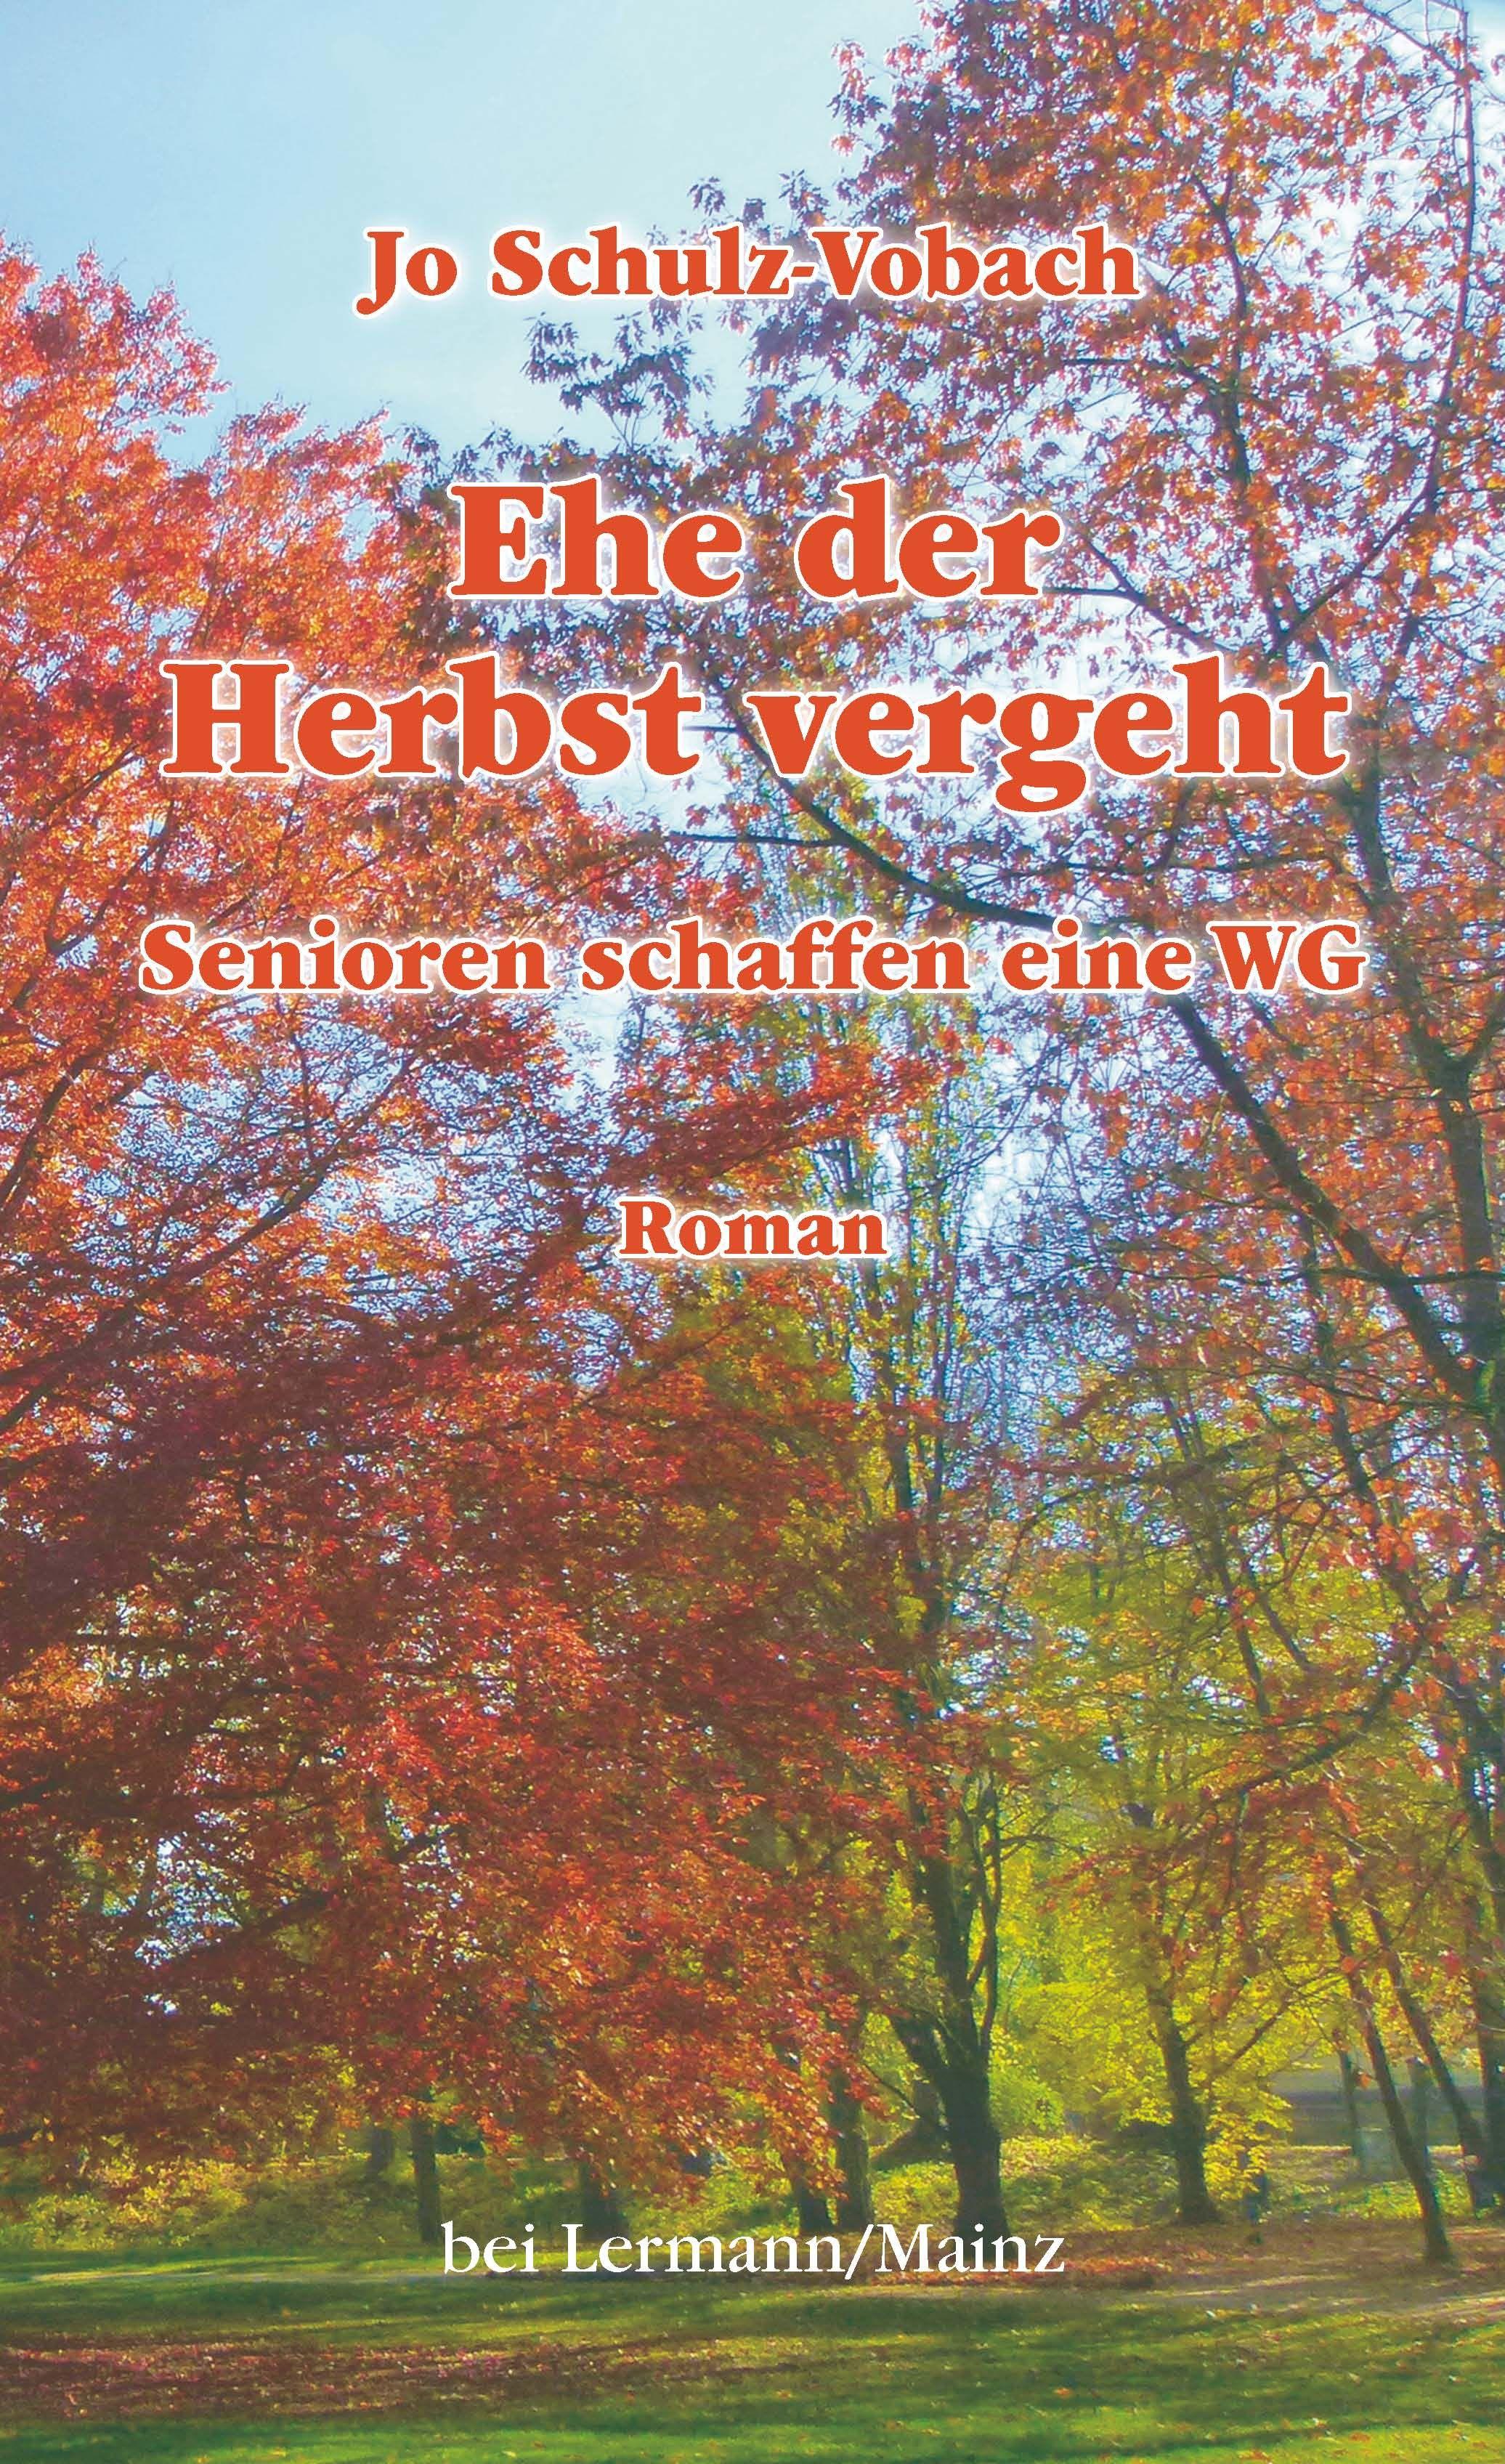 Ehe-der-Herbst-vergeht-Jo-Schulz-Vobach